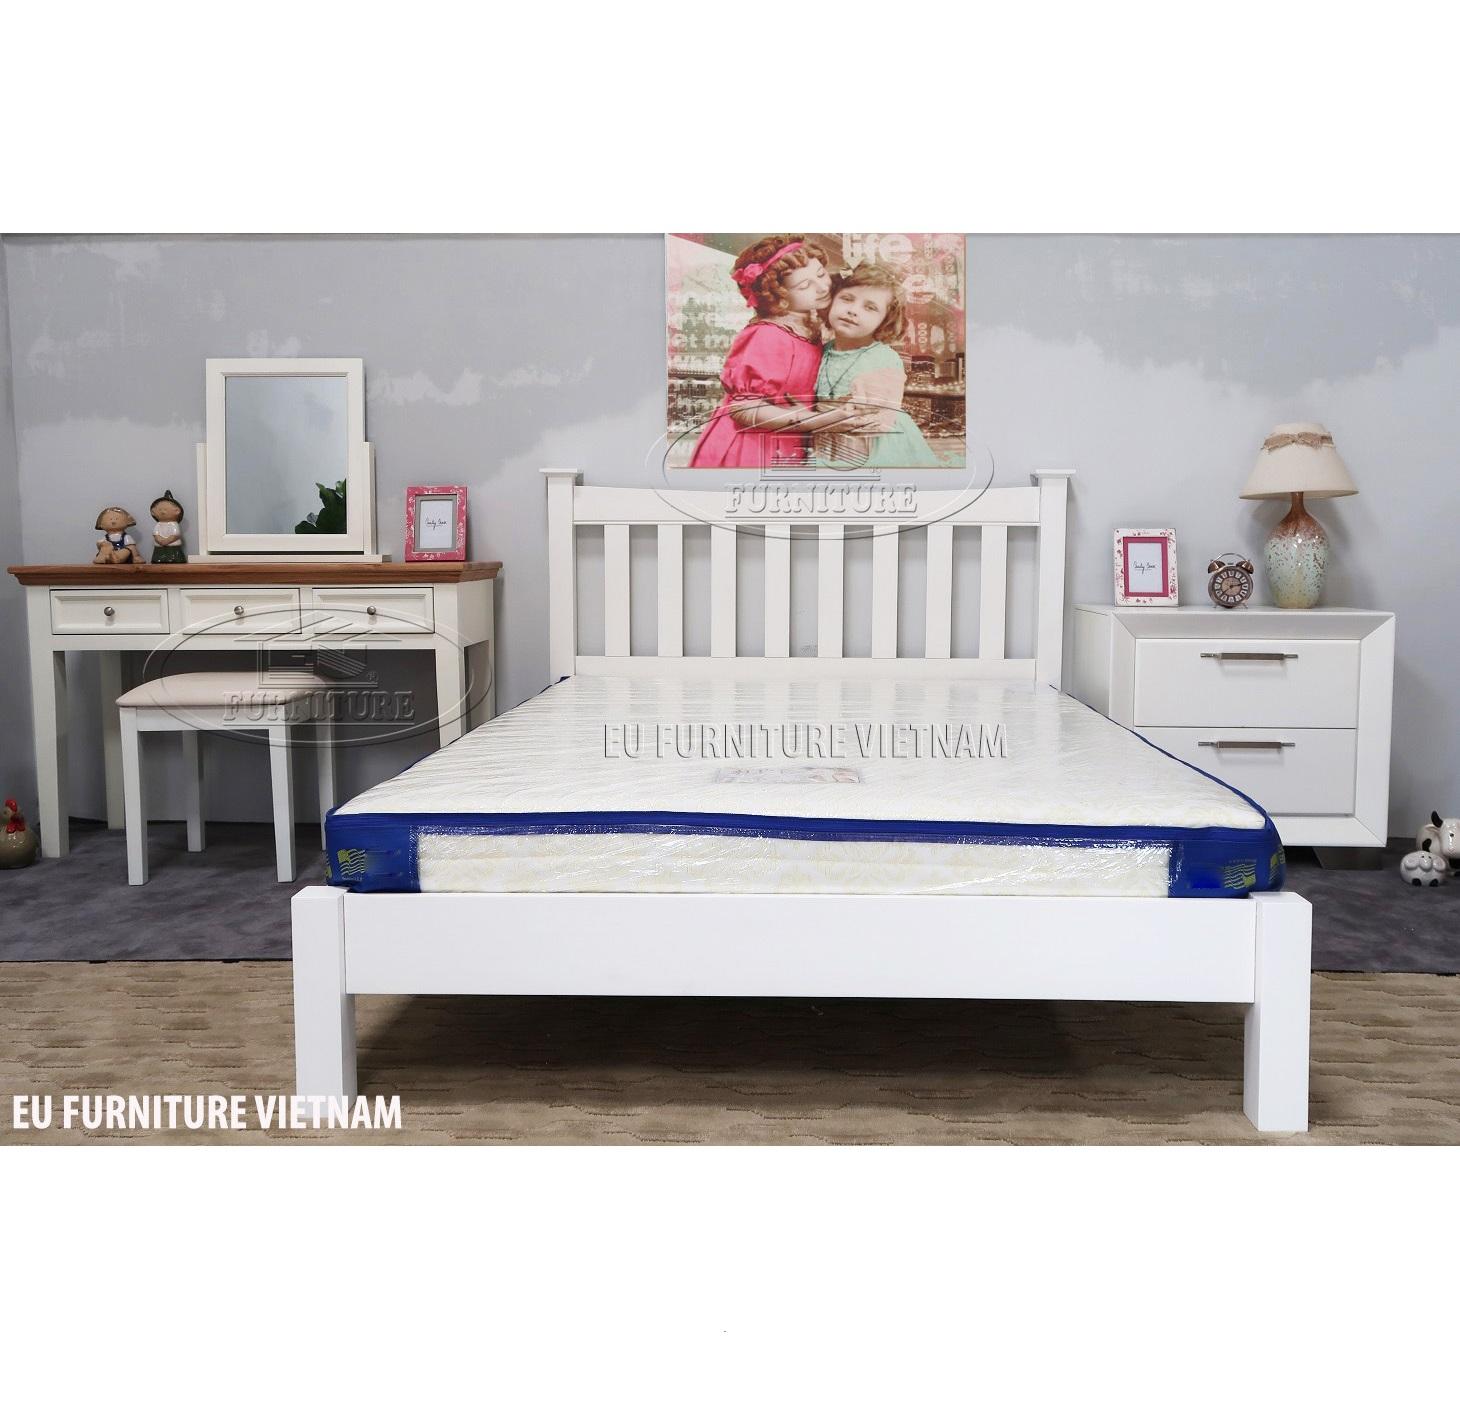 Giường ngủ gỗ sơn trắng Valencia